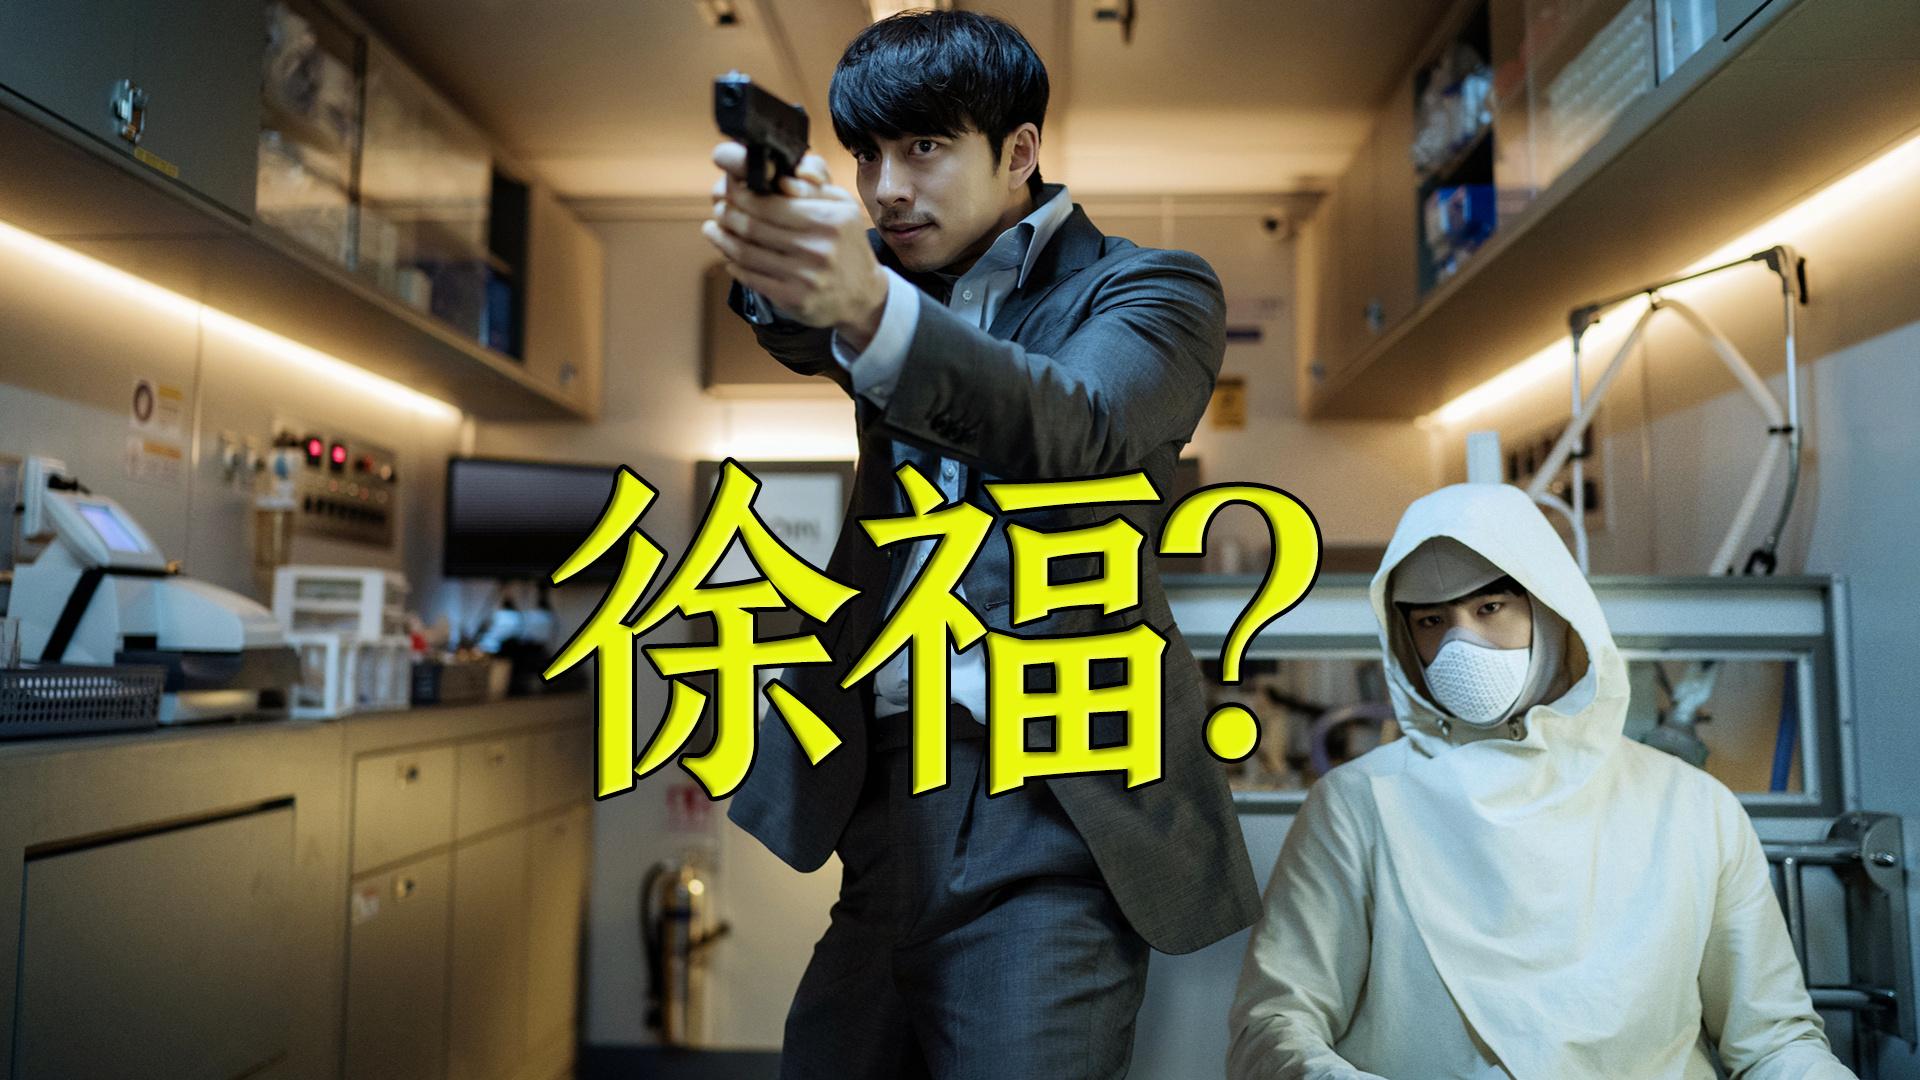 韩国电影《徐福》,讲了个怎样的故事?